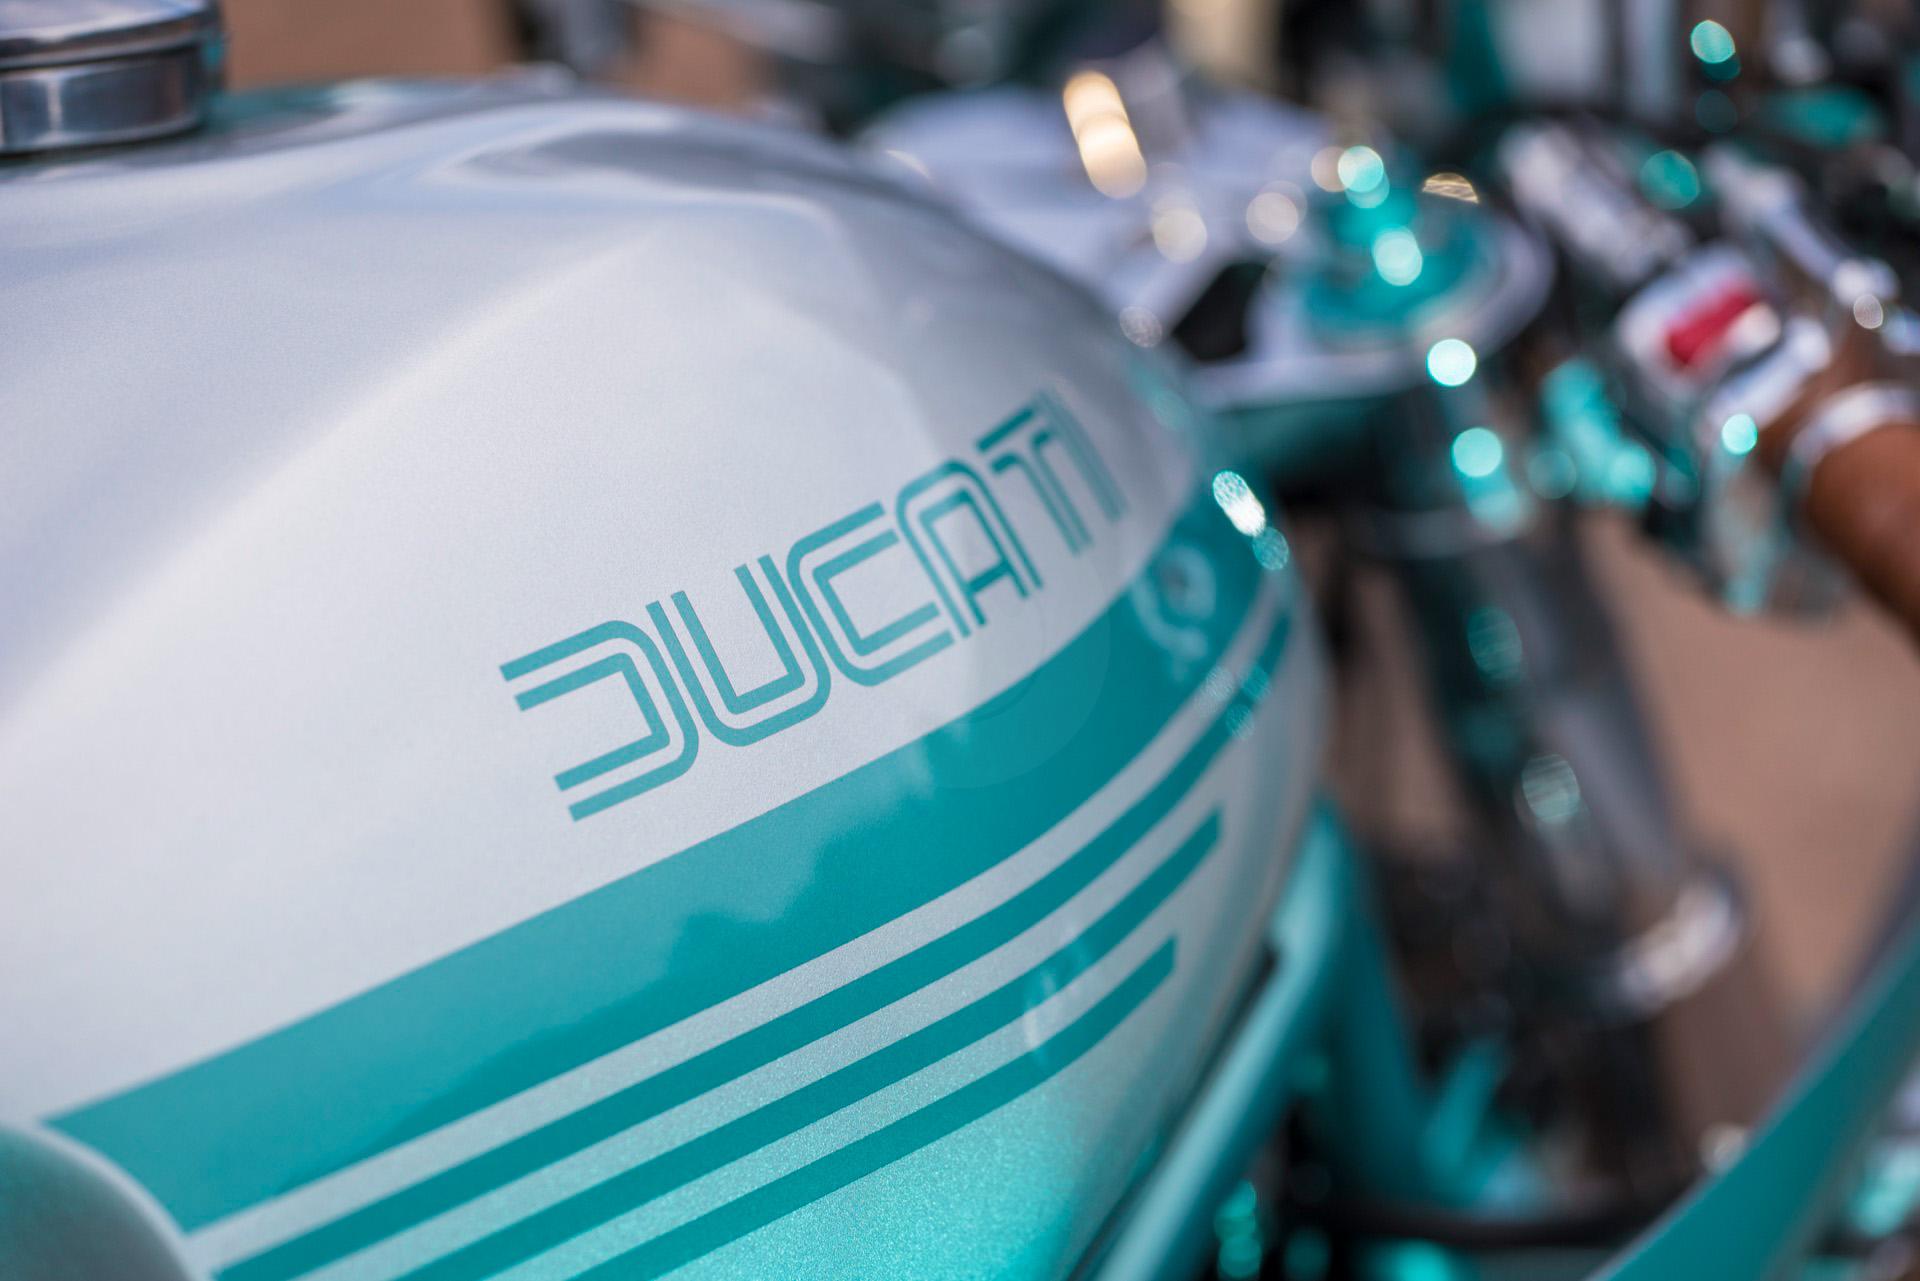 069-ducati-900-dec-2017-1920-px